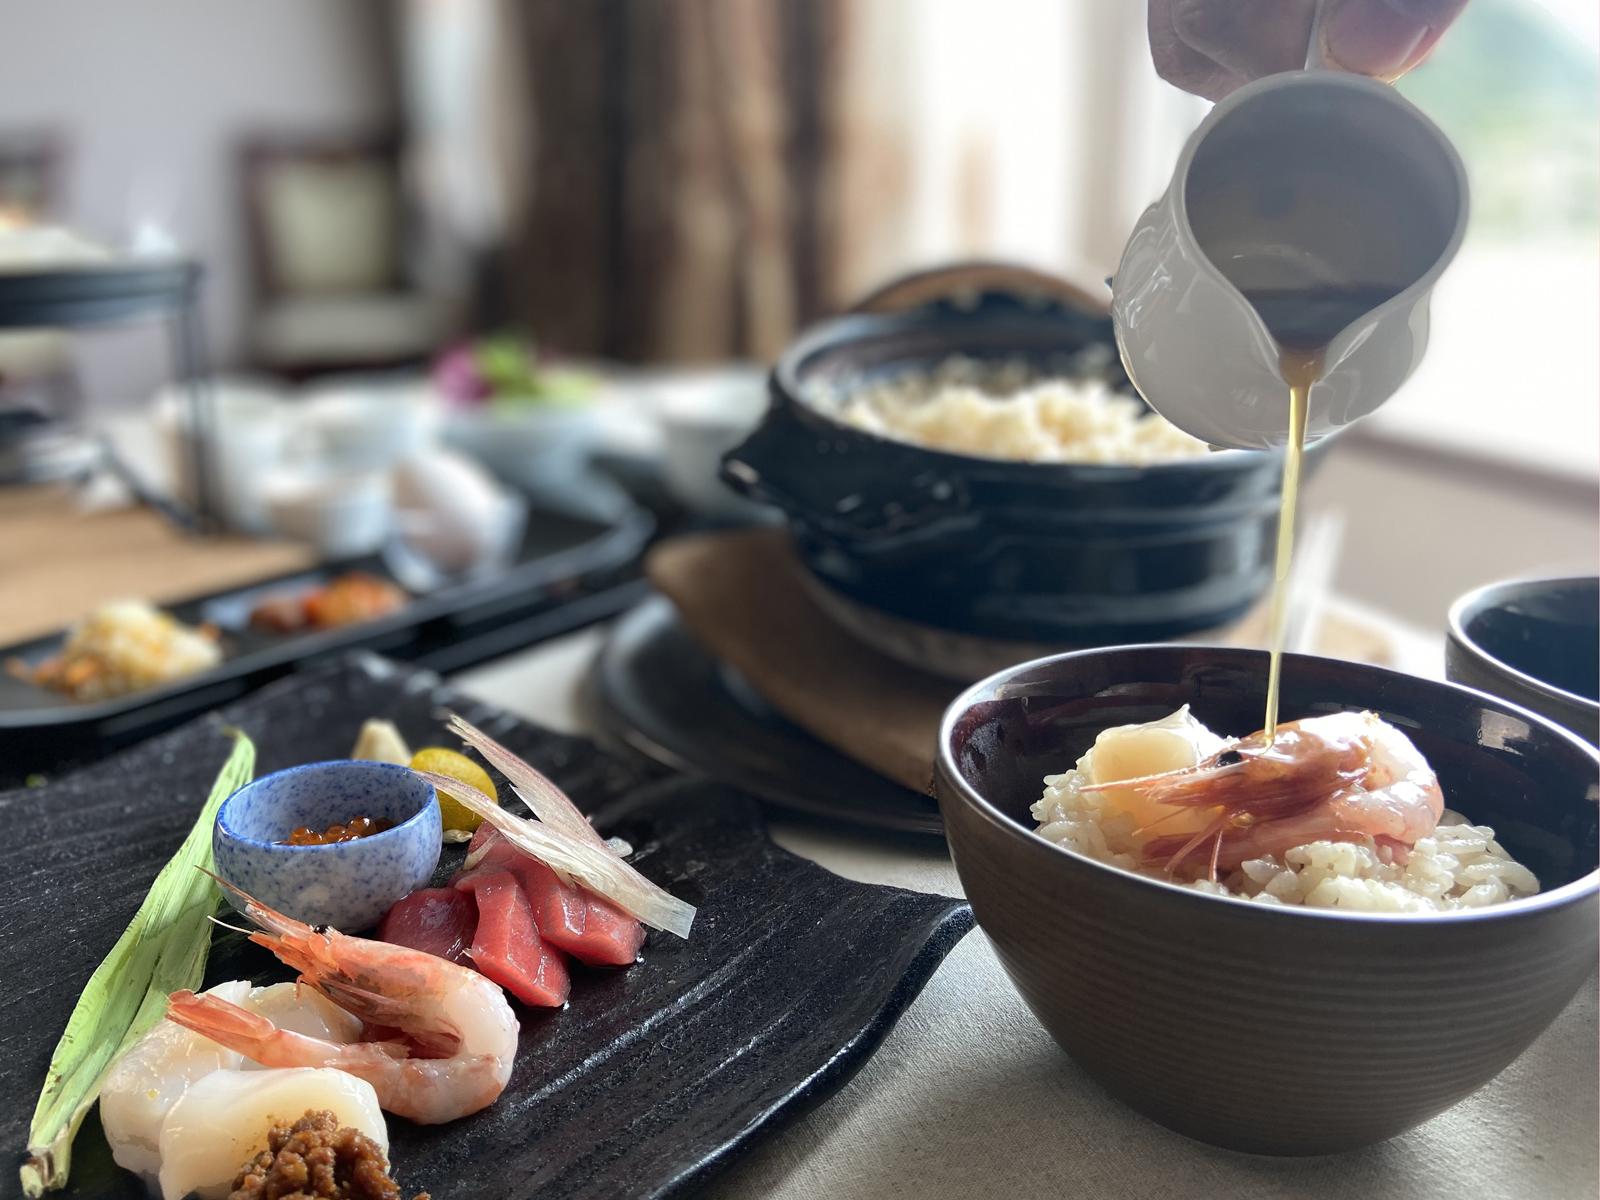 土鍋で食べる海鮮丼 フレンチ 小樽 北海道 ワイン